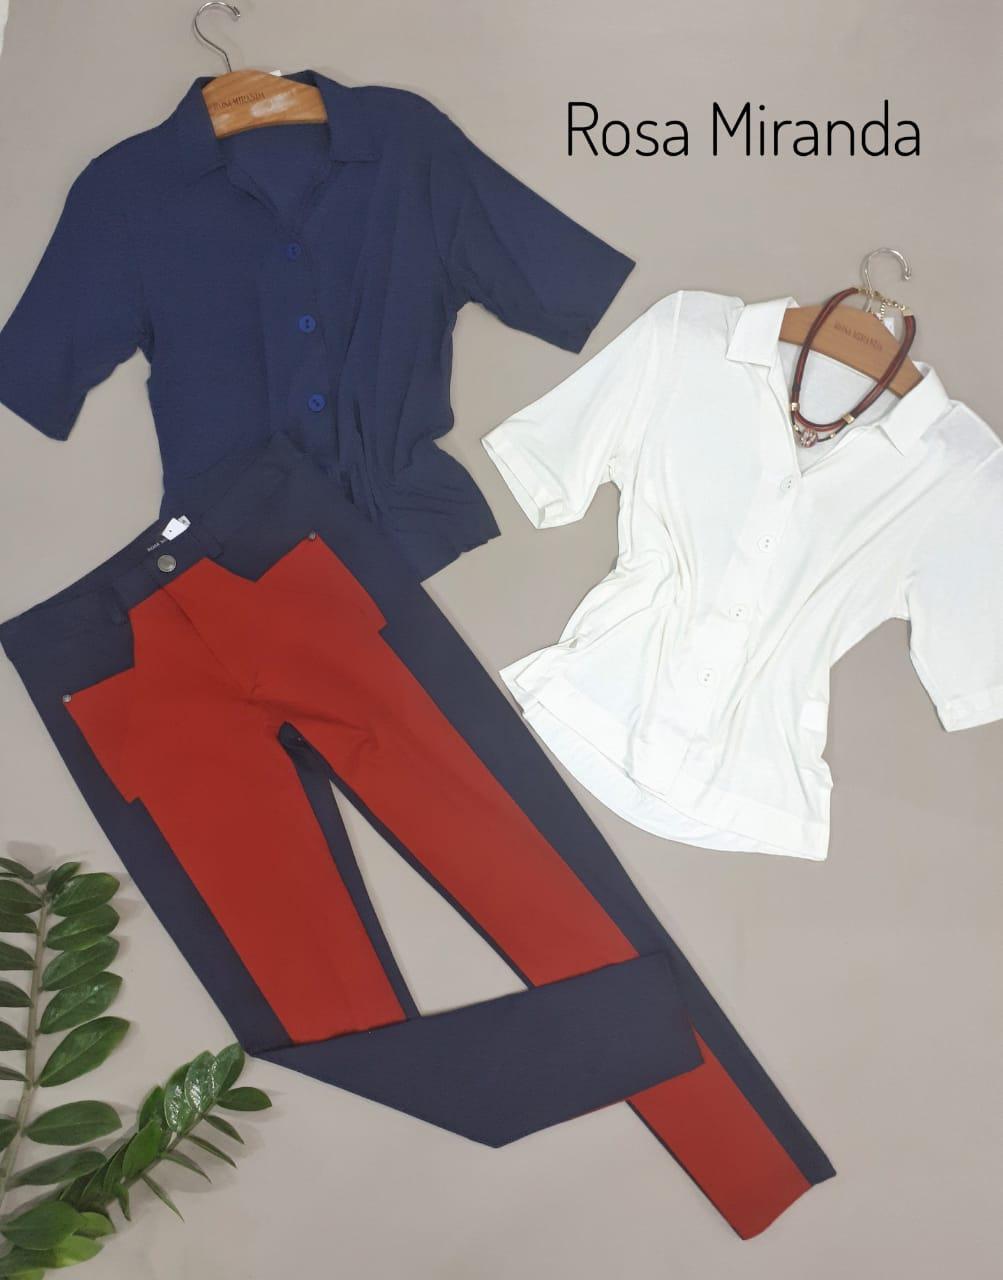 Calça malha pesada bicolor